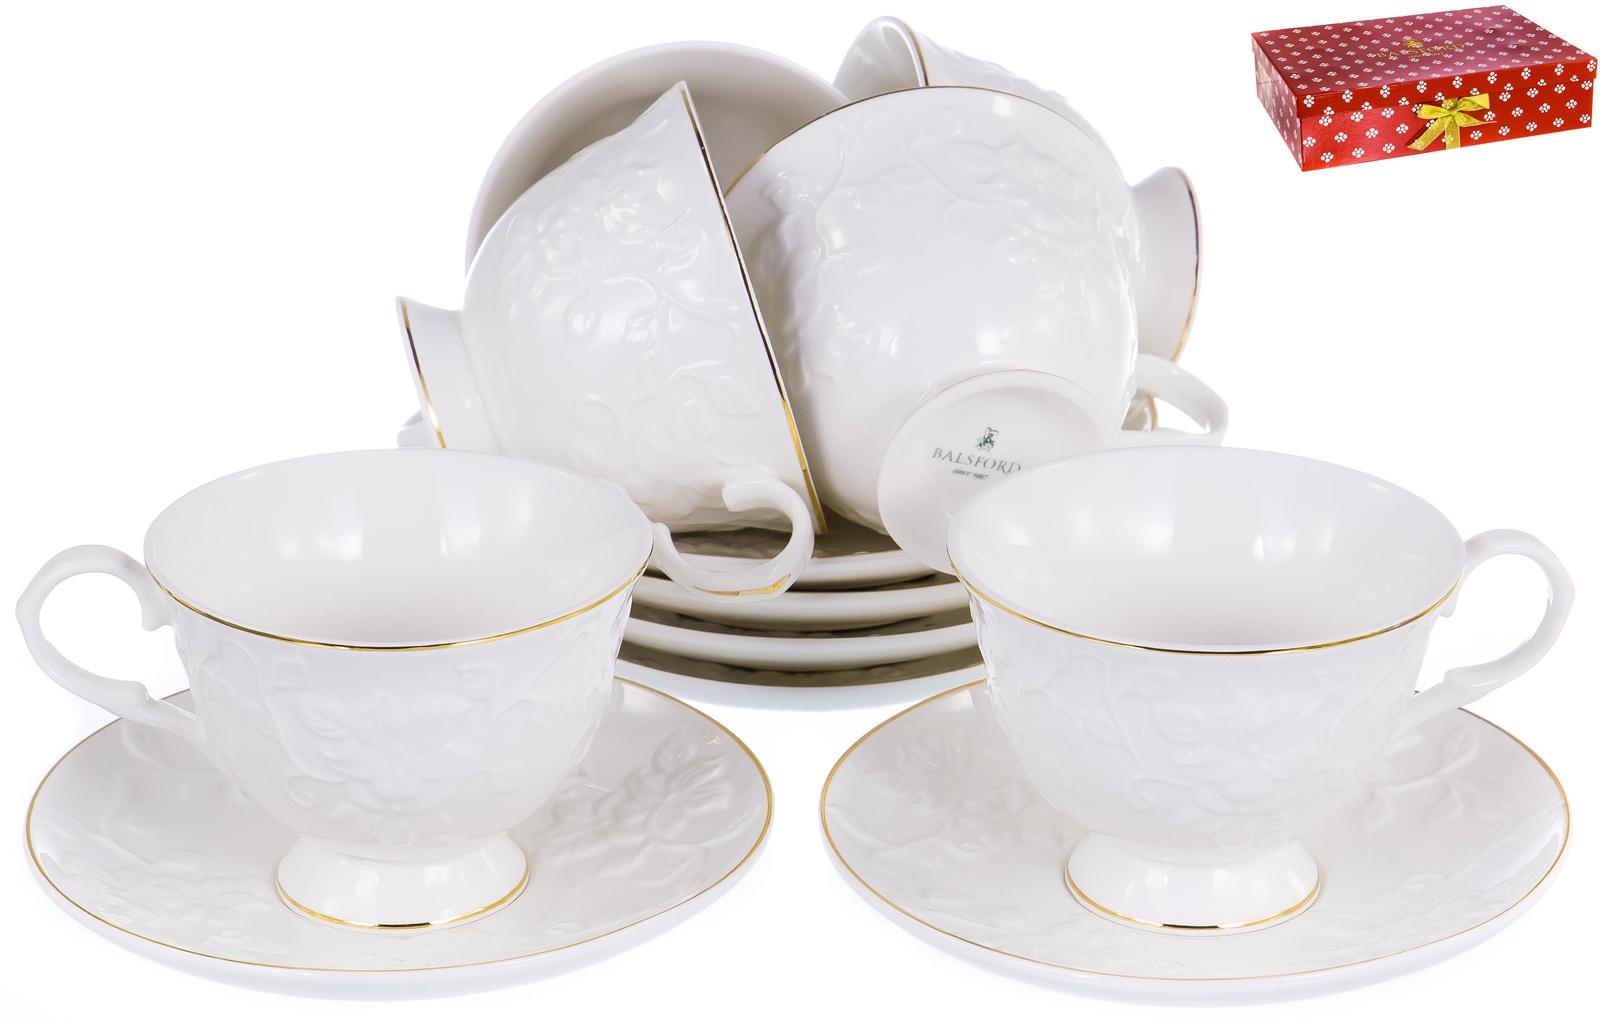 ГРАЦИЯ, набор чайный, 6 чашек 220мл, 6 блюдец, NEW BONE CHINA, белый рельефный рисунок с золотом, прямоугольная подарочная упаковка с окном и бантом, ТМ Balsford, артикул 101-30003